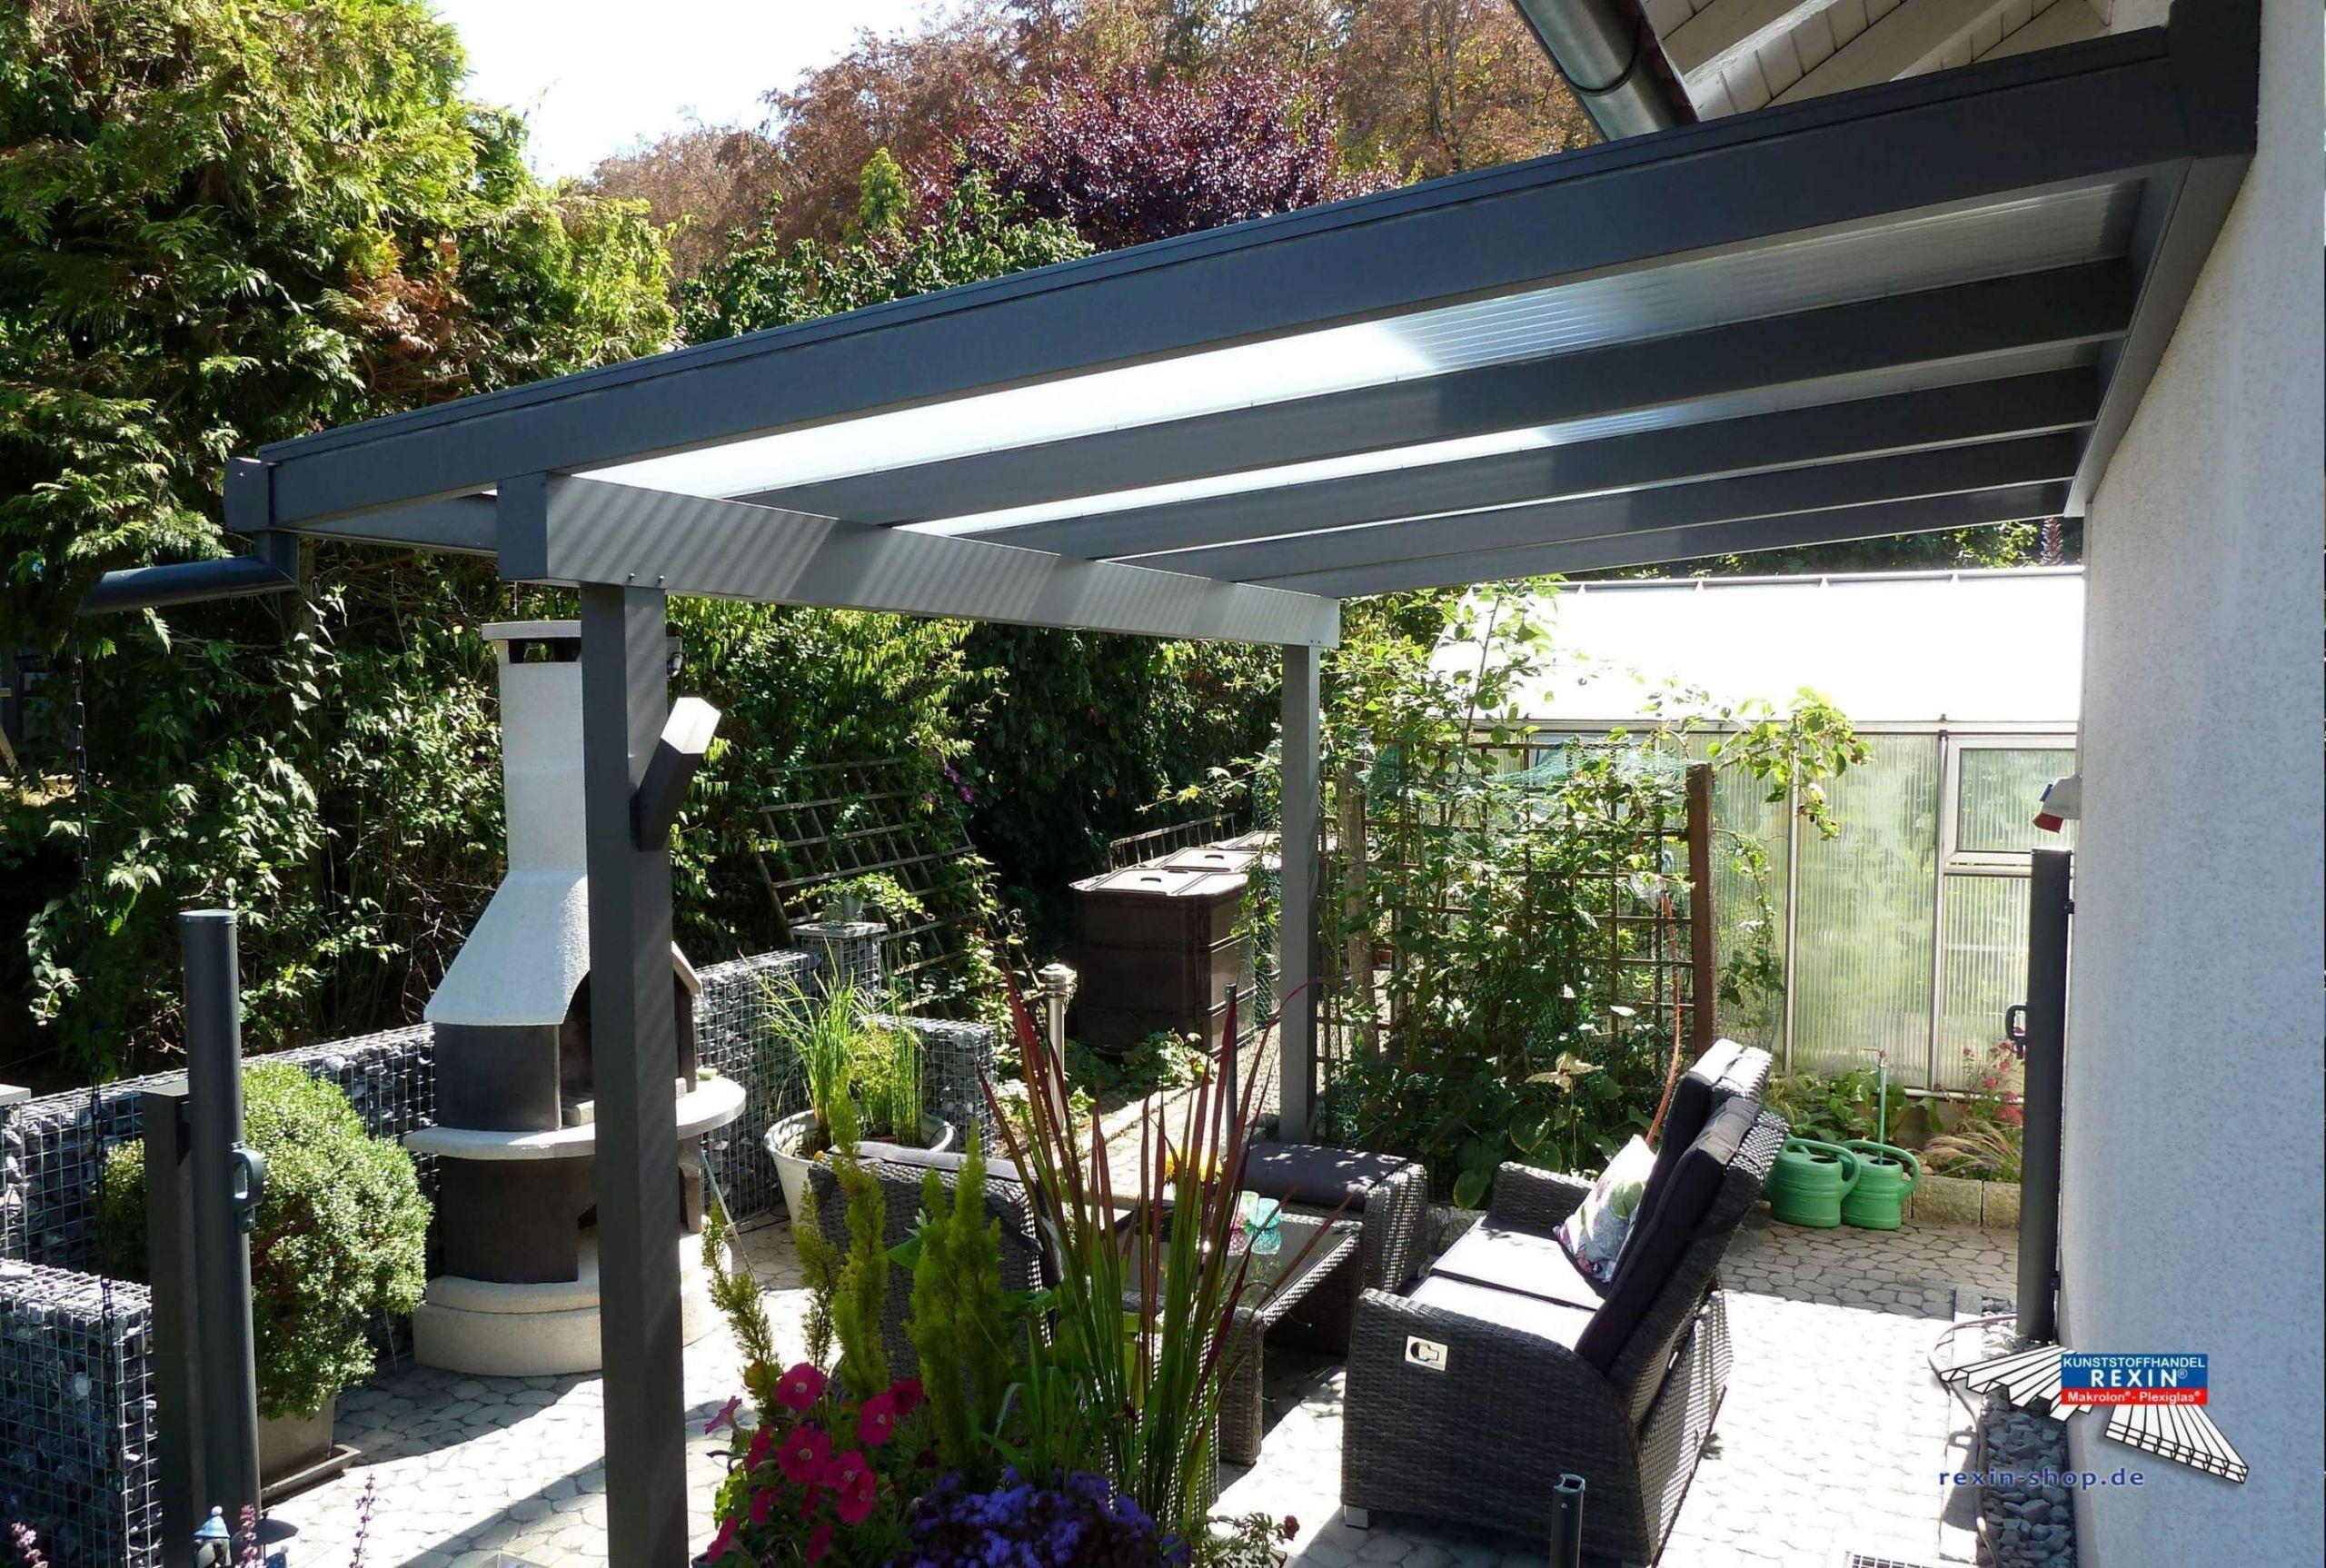 Garten sonnenschutz Schön sonnenschutz Im Garten — Temobardz Home Blog